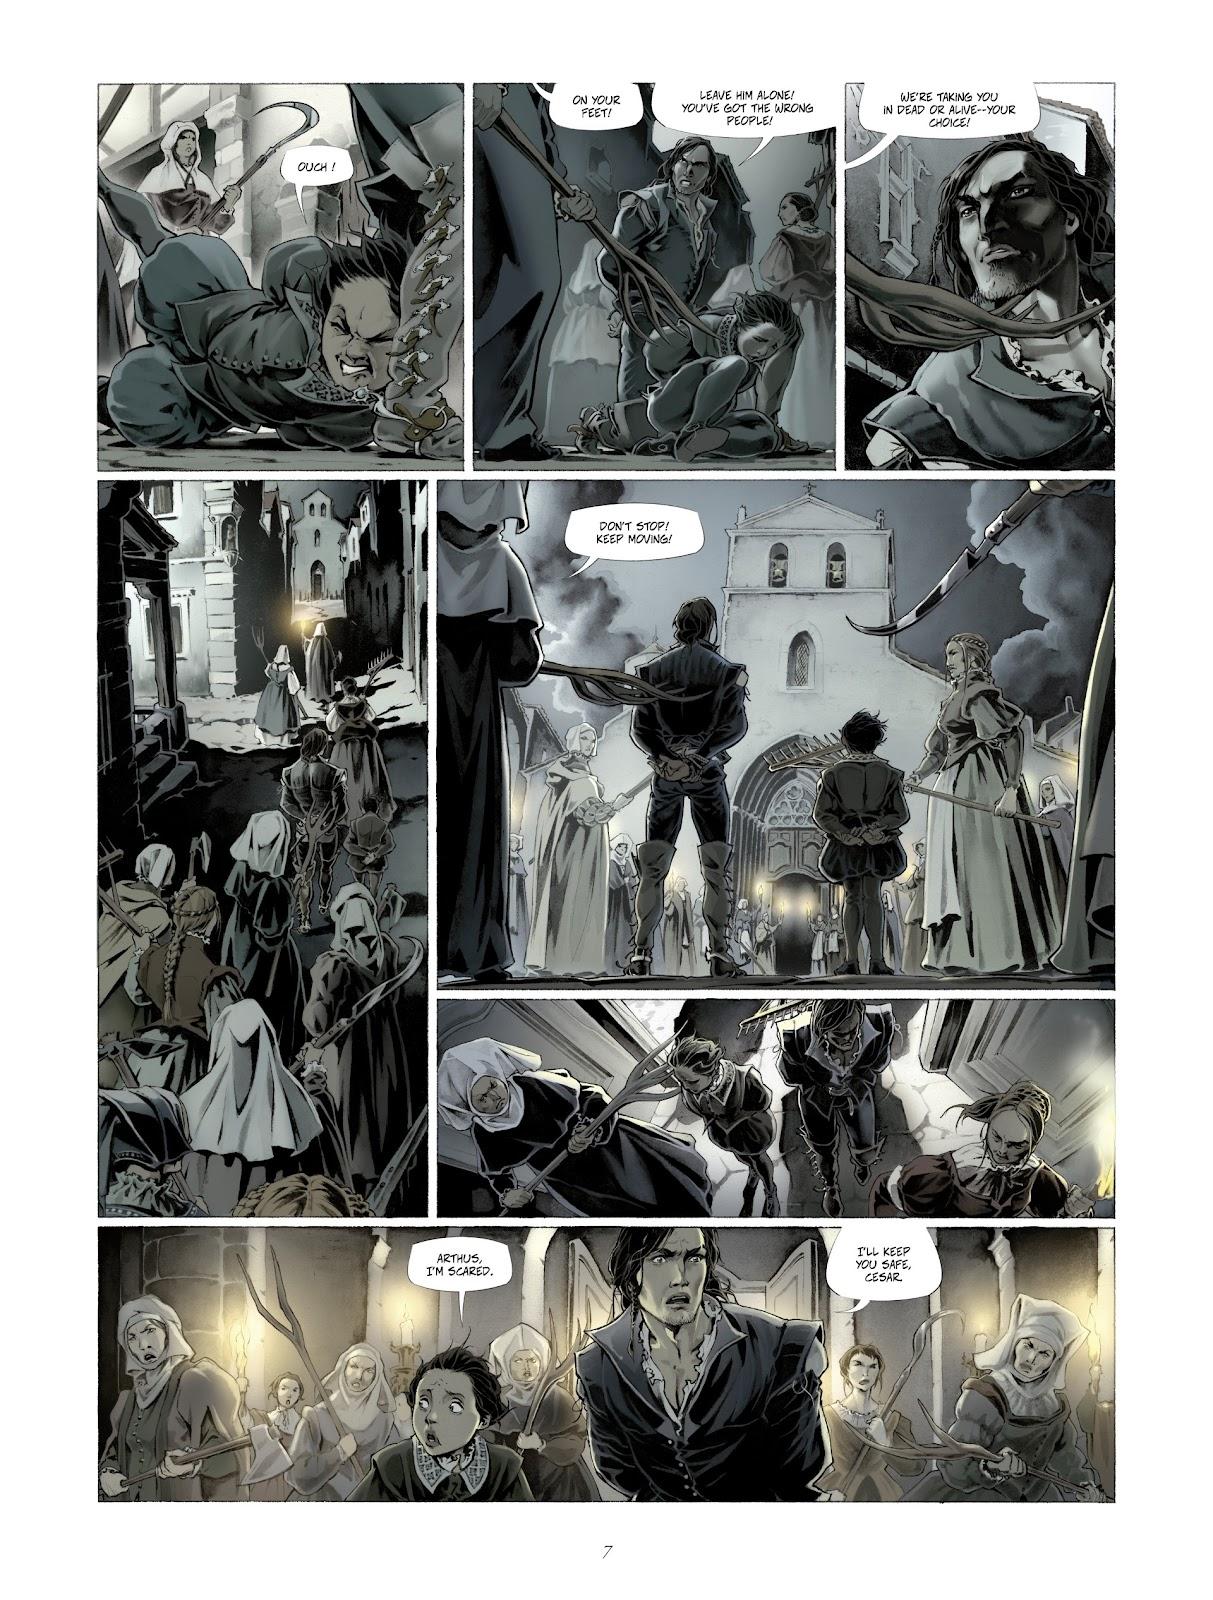 Read online Arthus Trivium comic -  Issue #4 - 9